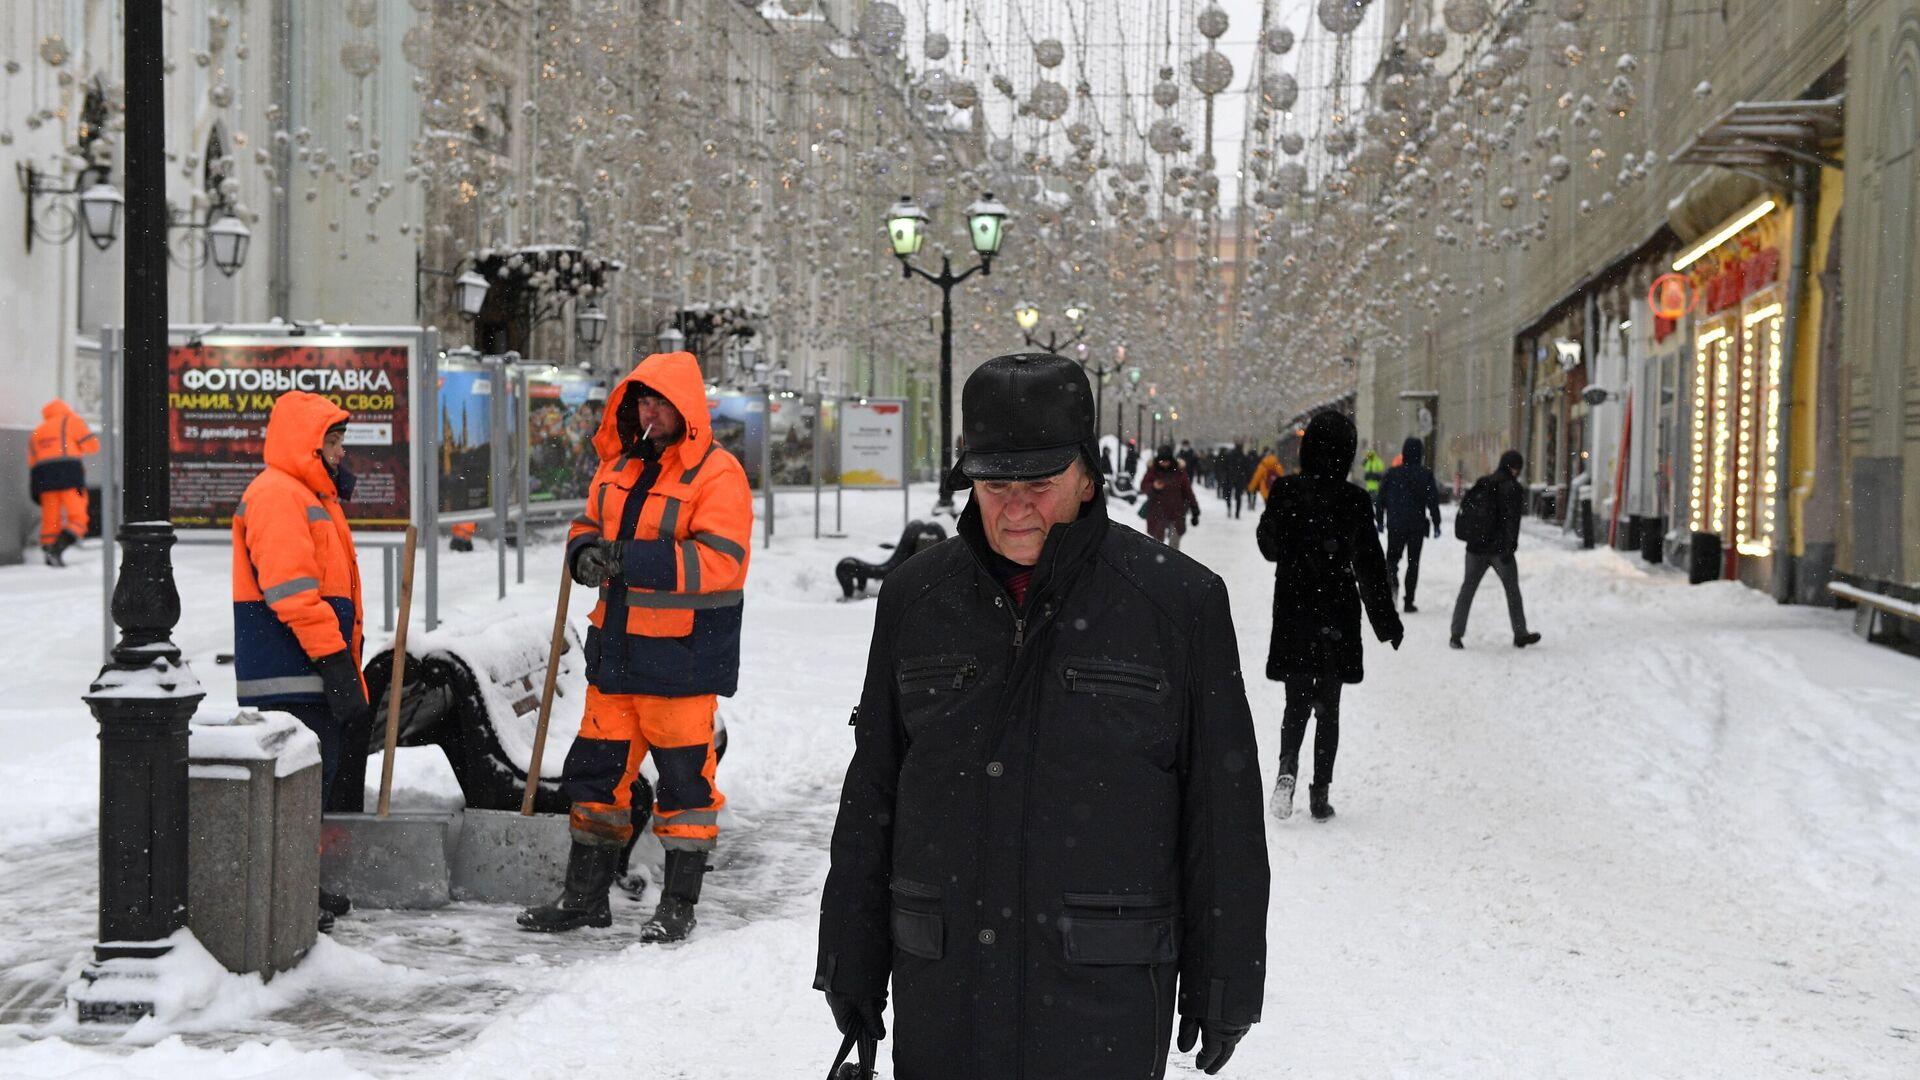 Сотрудники коммунальных служб на заснеженной Никольской улице в Москве - РИА Новости, 1920, 13.02.2021